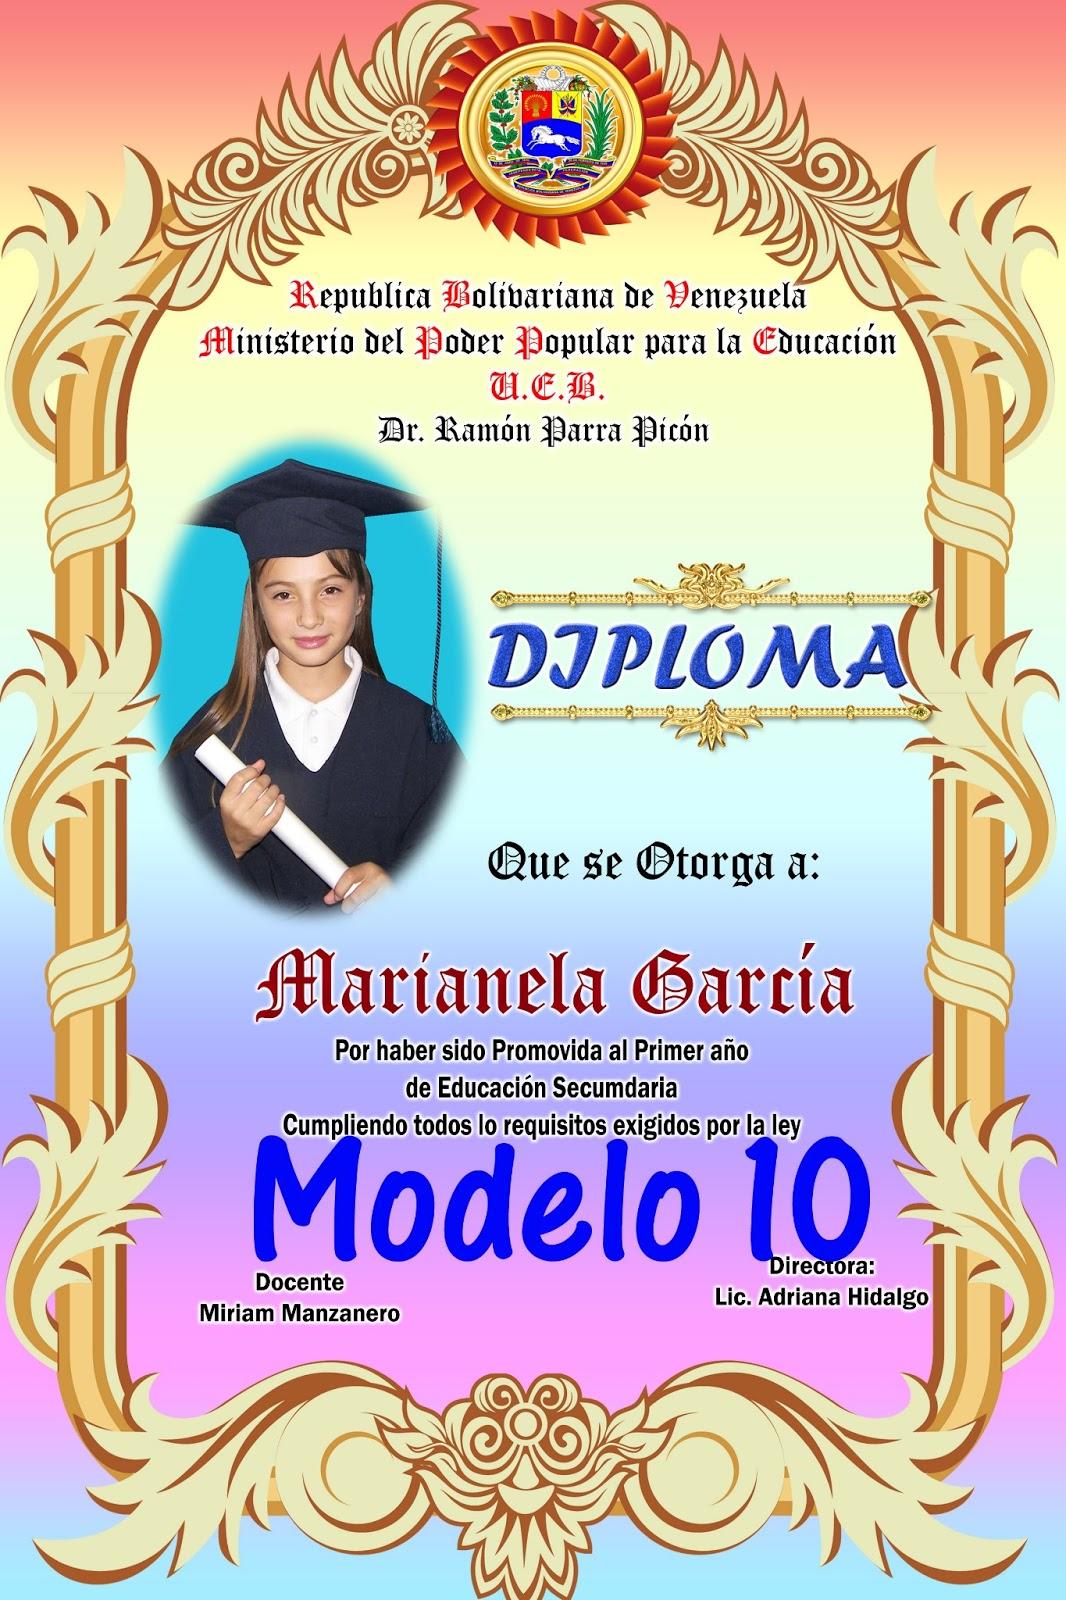 Diplomas Sexto Grado | Fotografia y Diseño